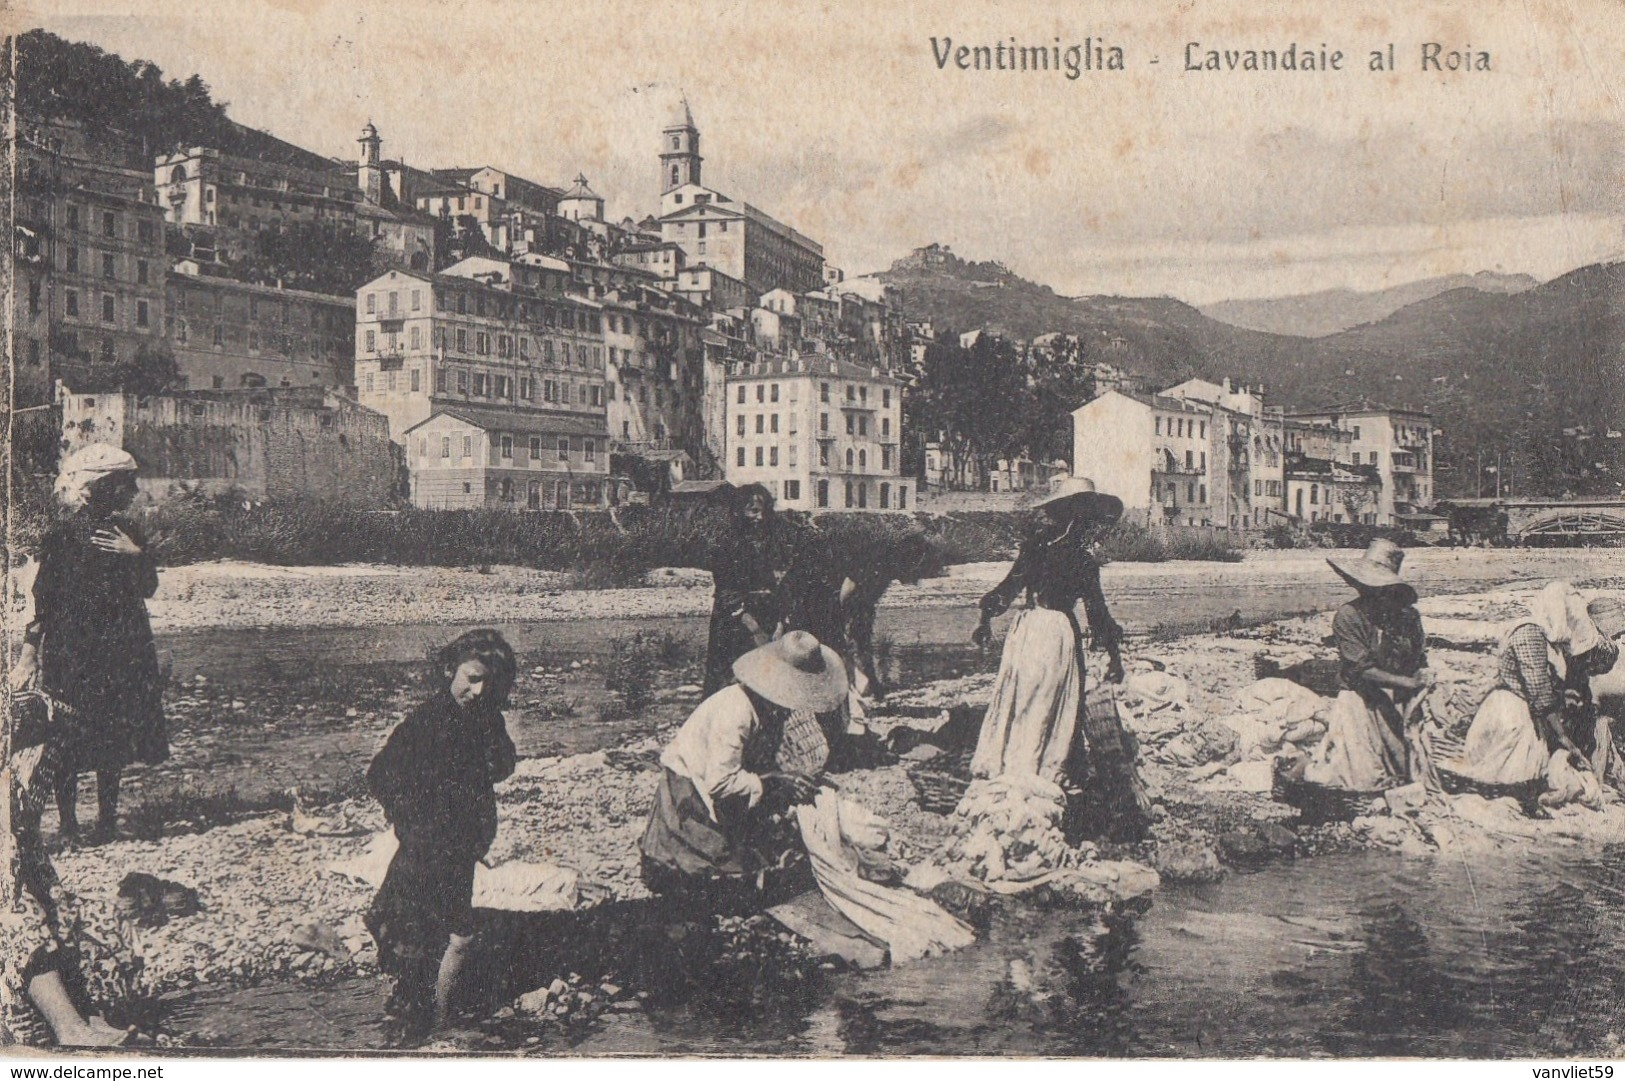 VENTIMIGLIA-IMPERIA-LAVANDAIE AL ROIA-ANIMAZIONE IN PRIMO PIANO-CARTOLINA VIAGGIATA IL 17-4-1922 - Imperia